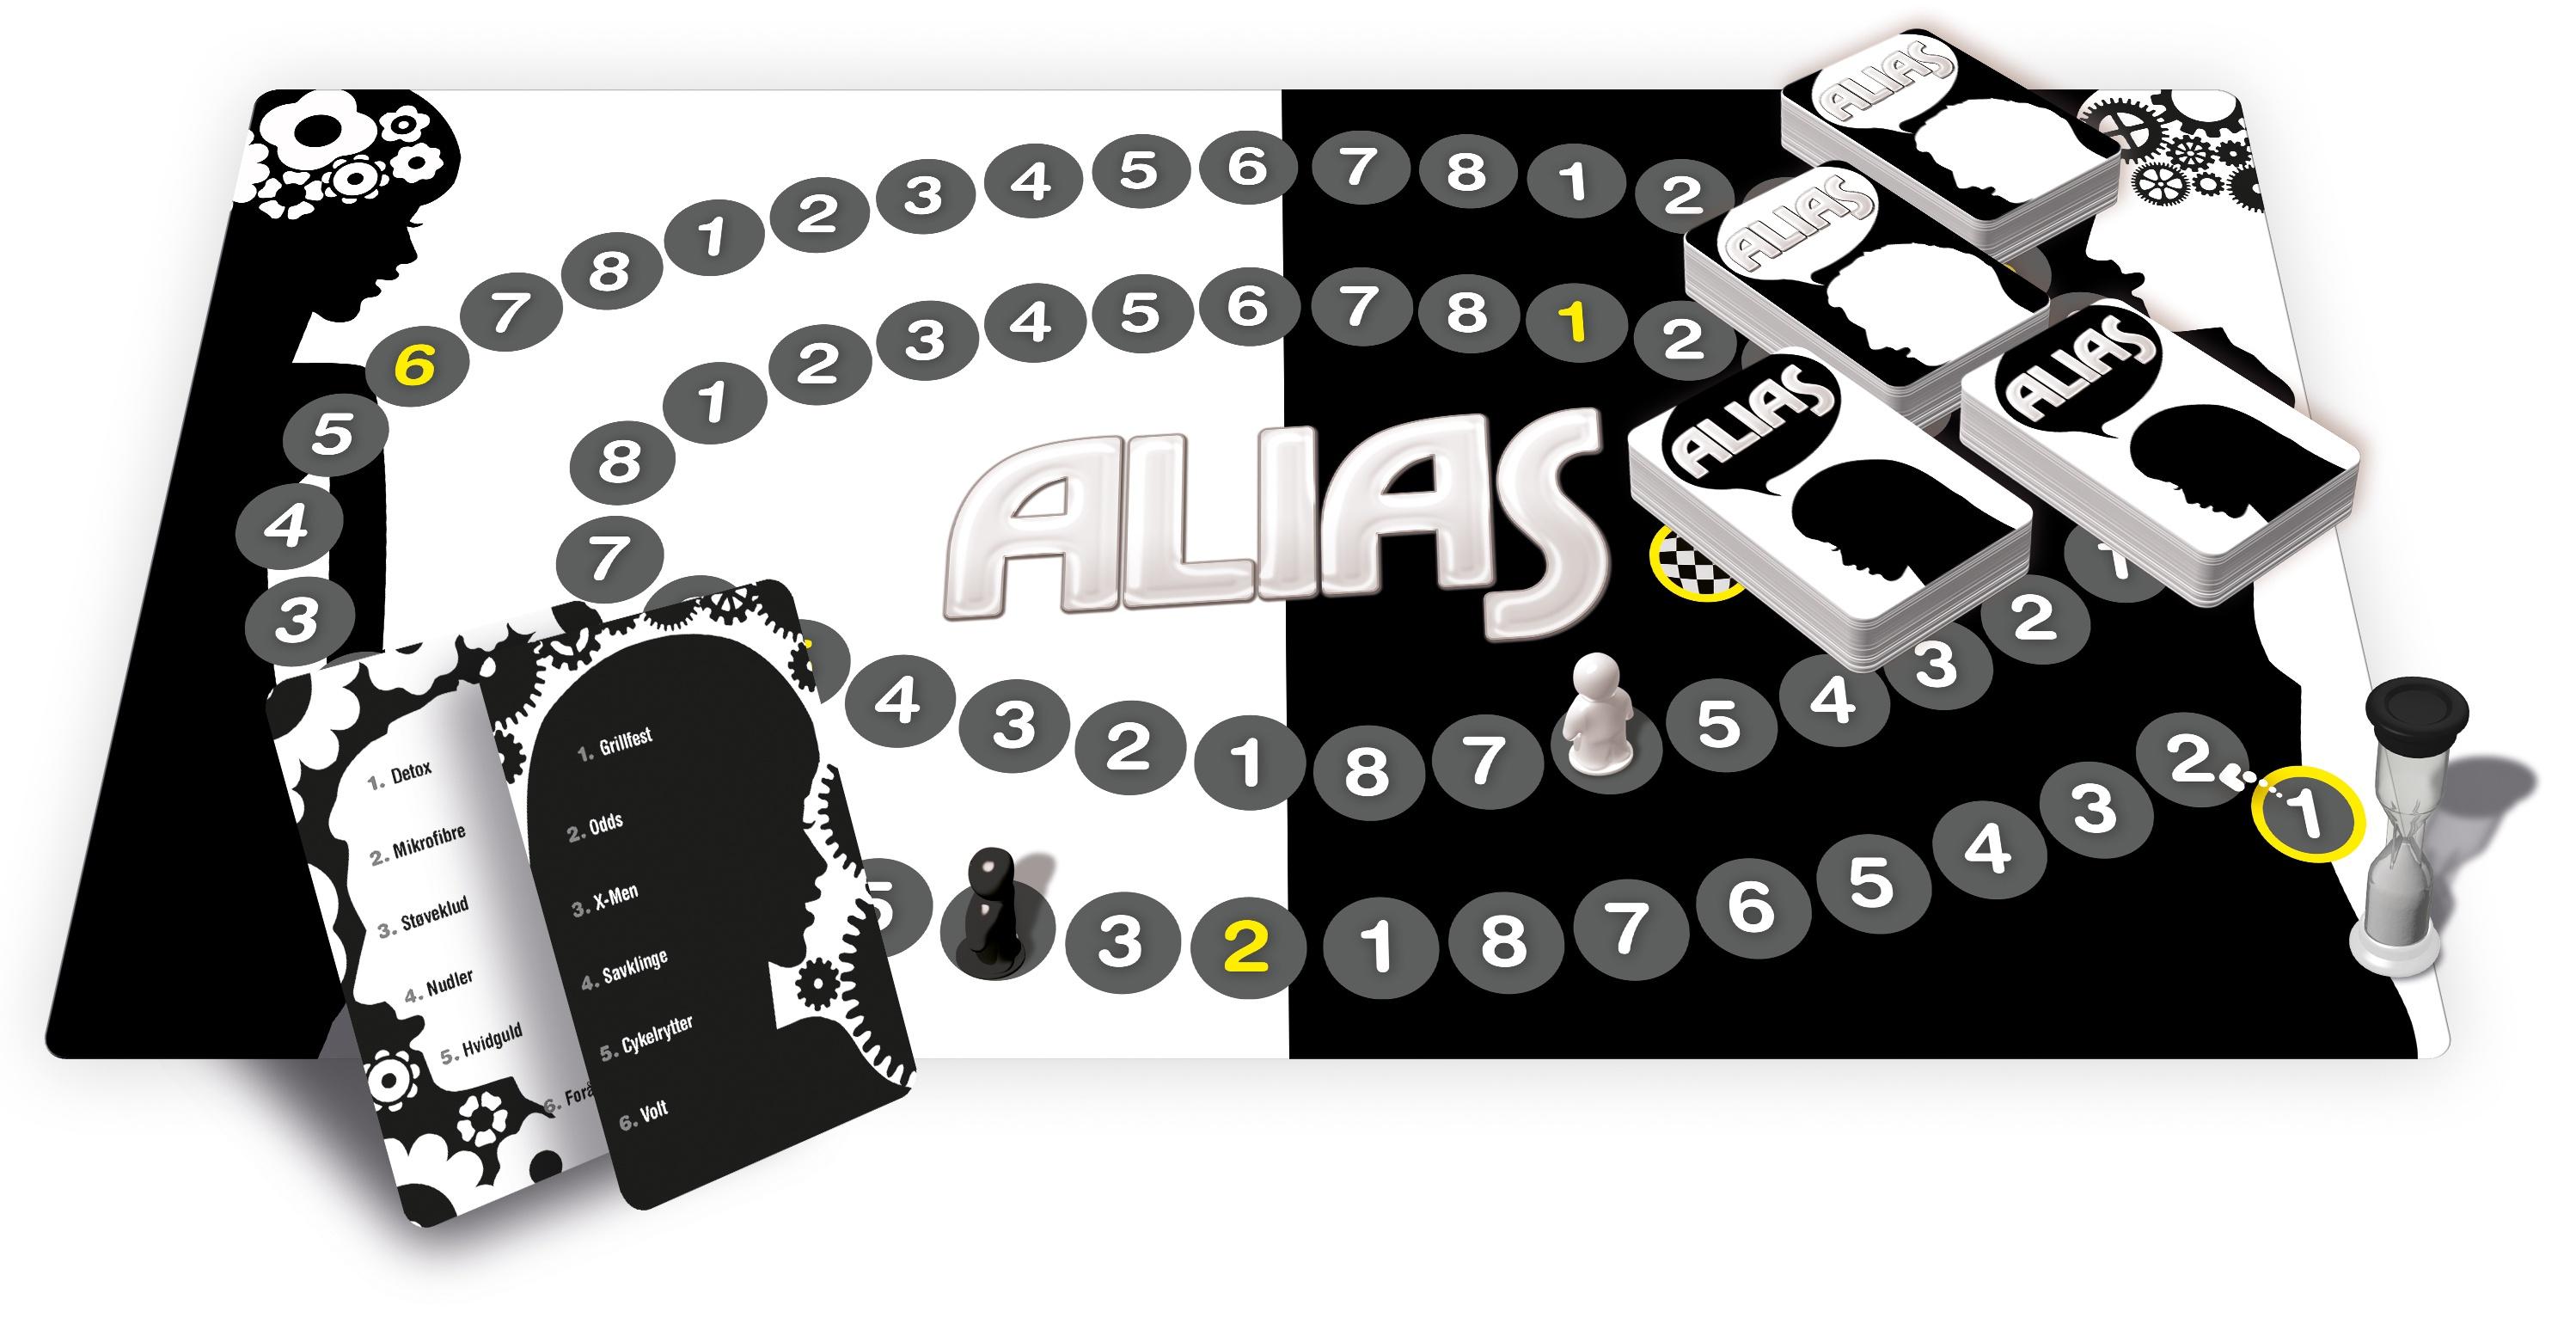 Alias kvinder mod mænd, ordforklaringsspil